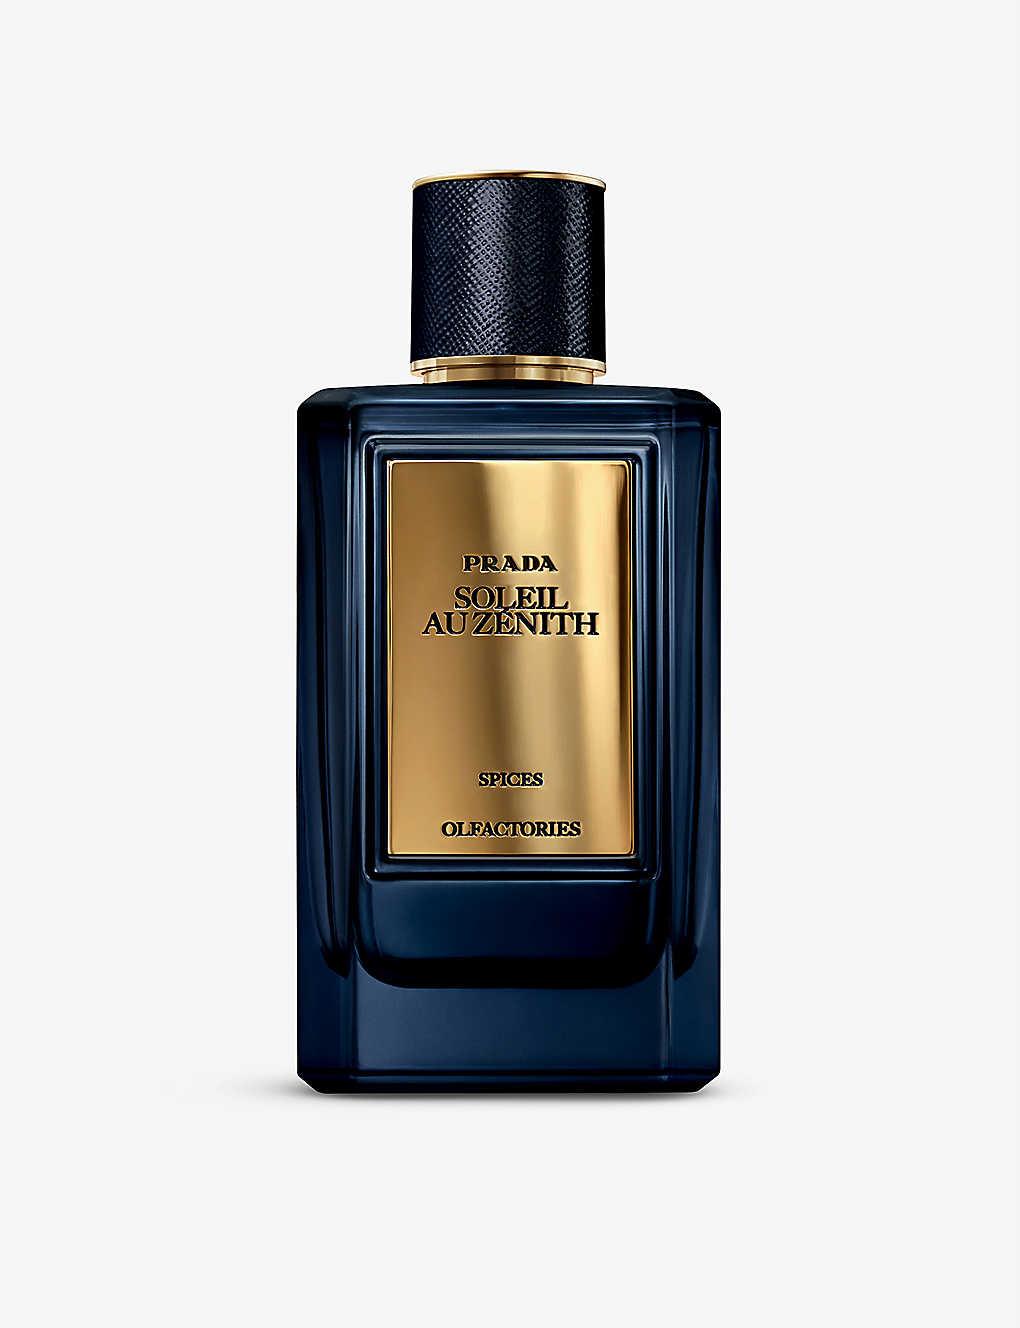 1d38c42871c8 PRADA - Mirages Soleil au Zenith eau de parfum 100ml edp ...